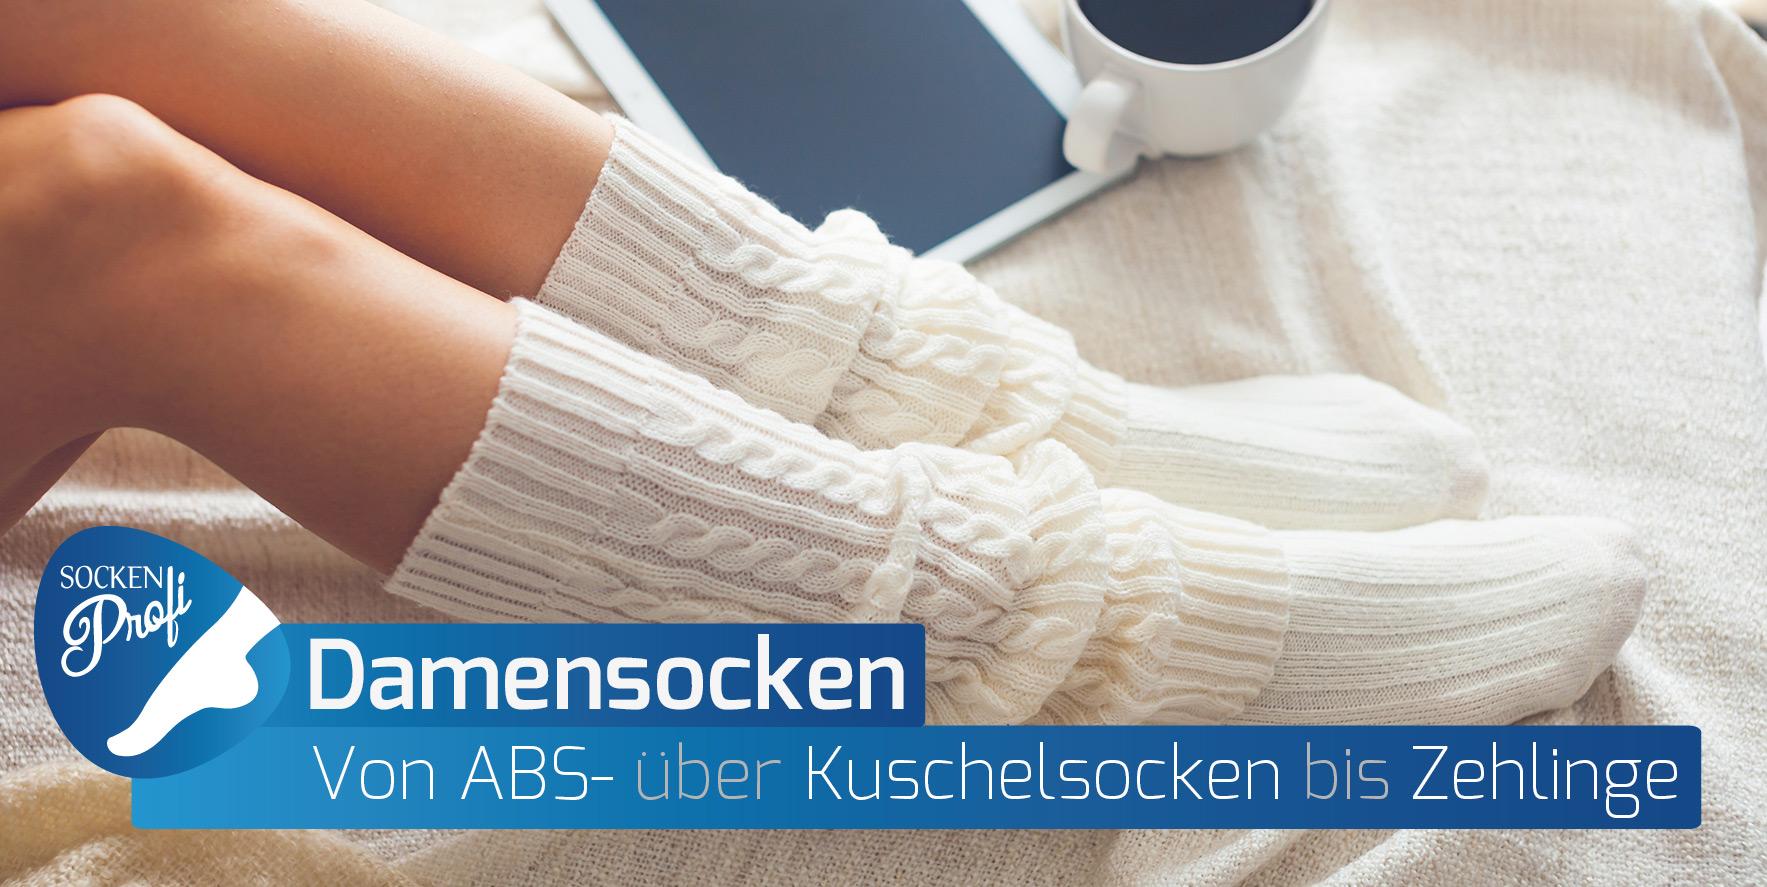 Qualitätssocken Kurt Rathmanner Socken online kaufen in